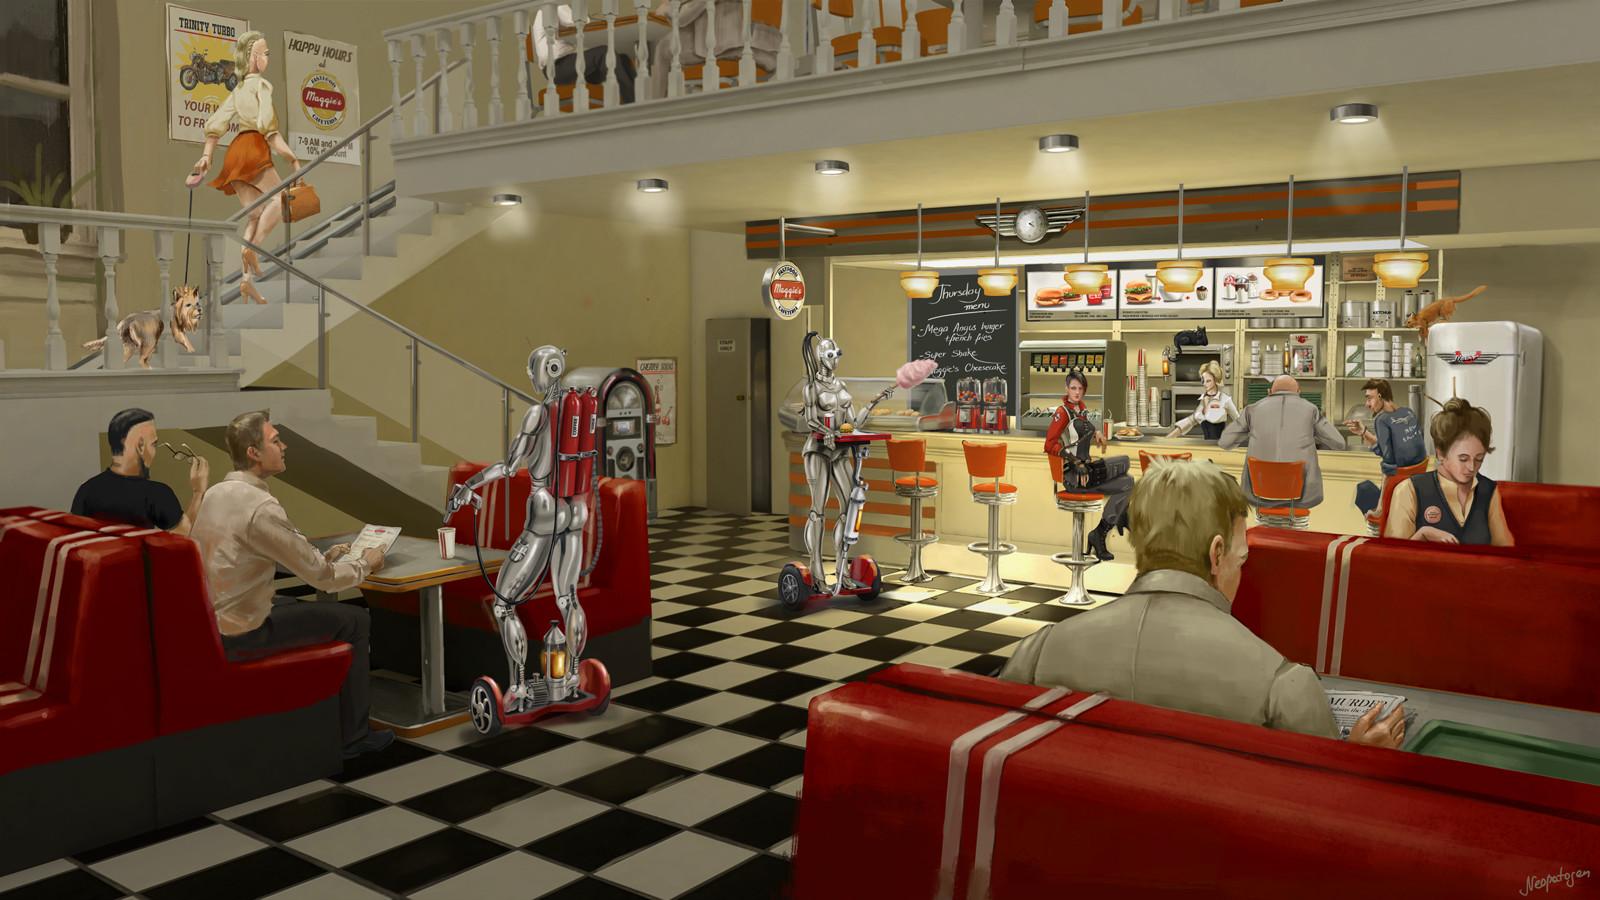 Retrofuturistic diner